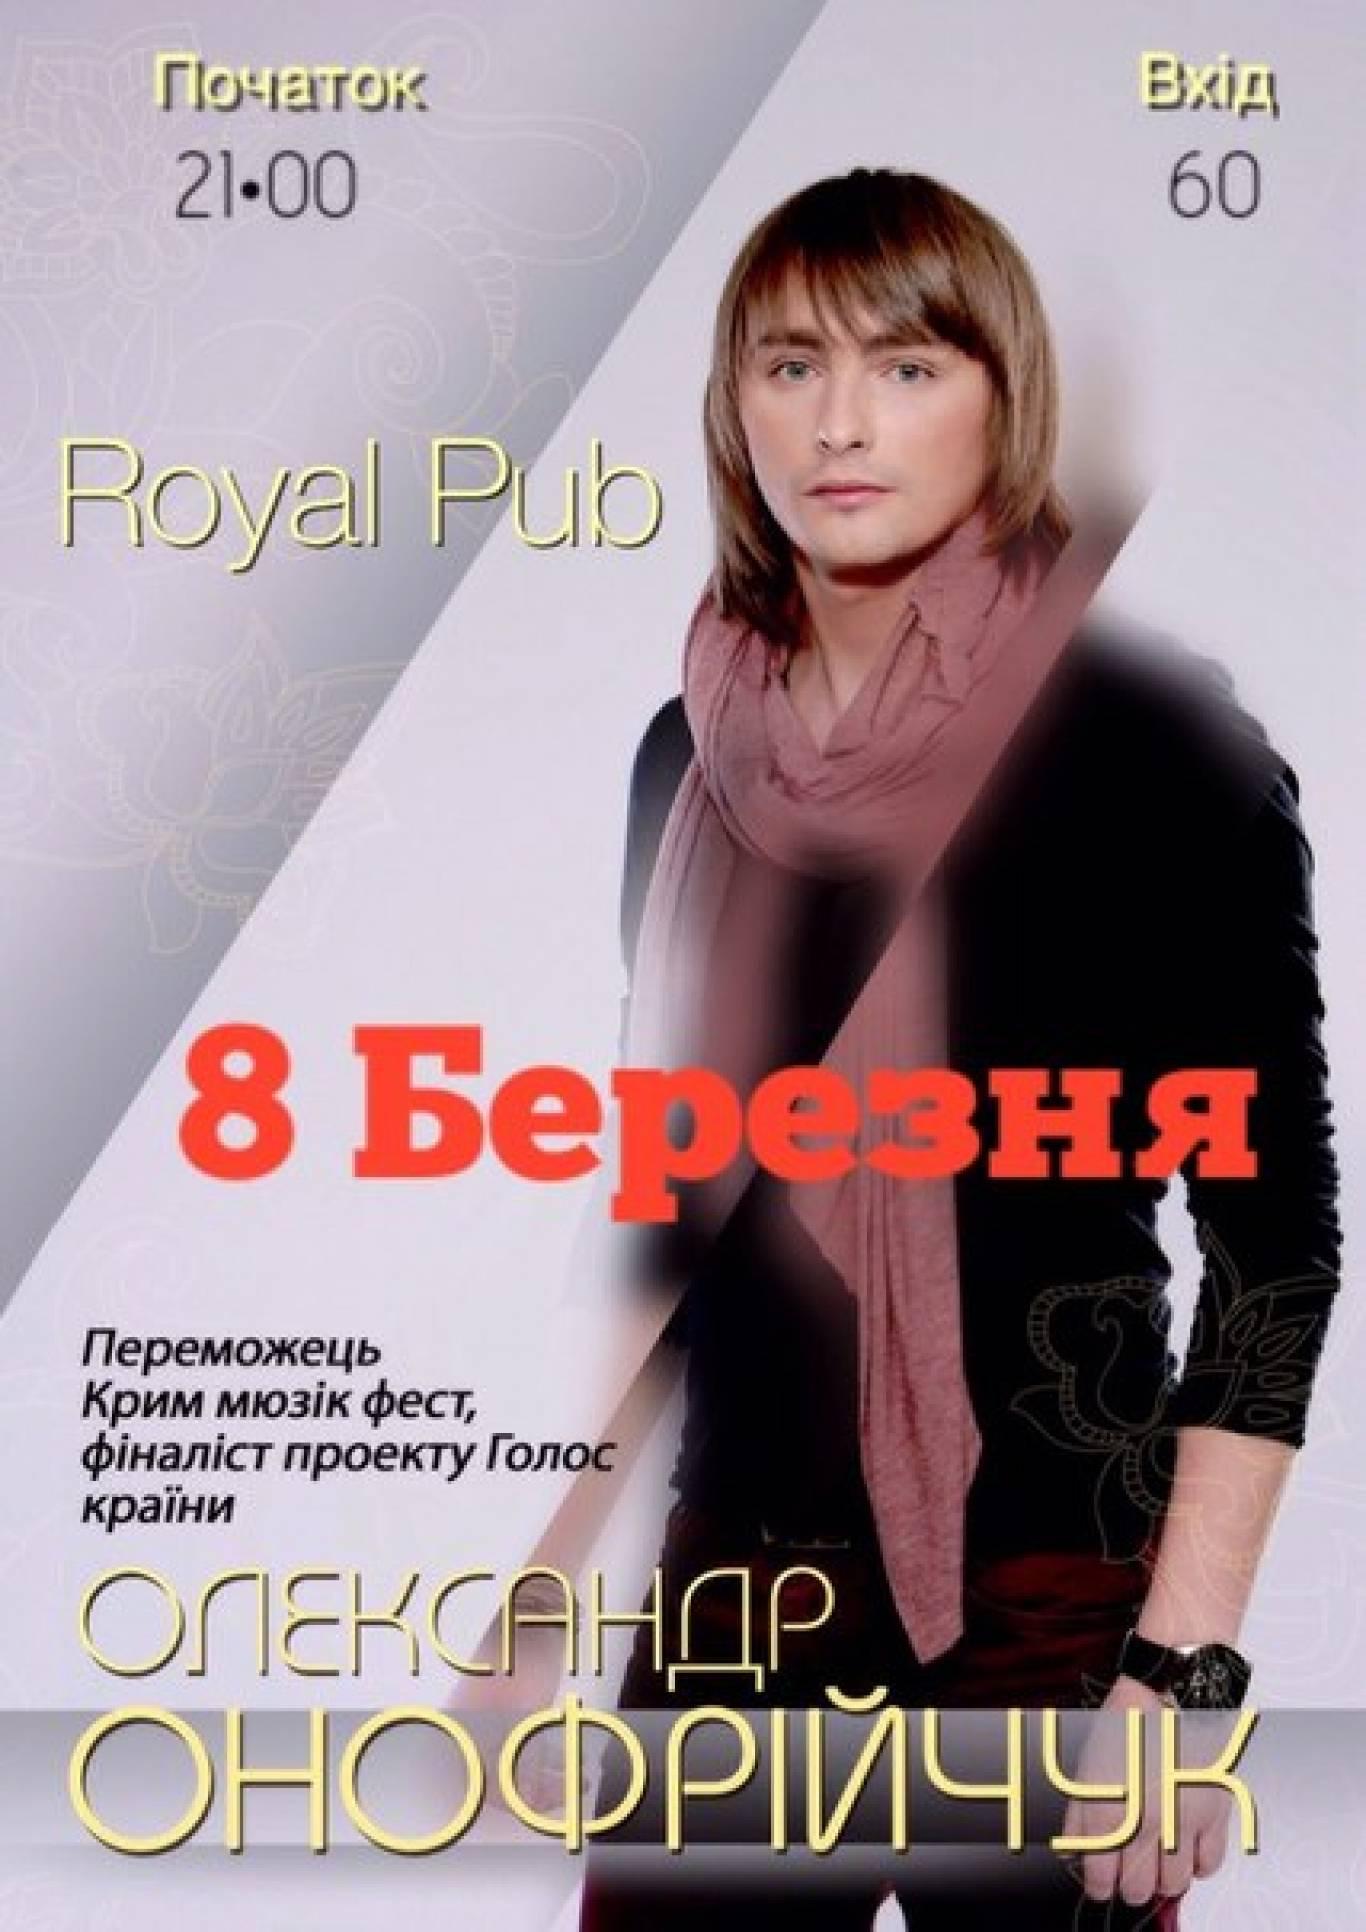 Олександр Онофрійчук з концертом до 8 березня